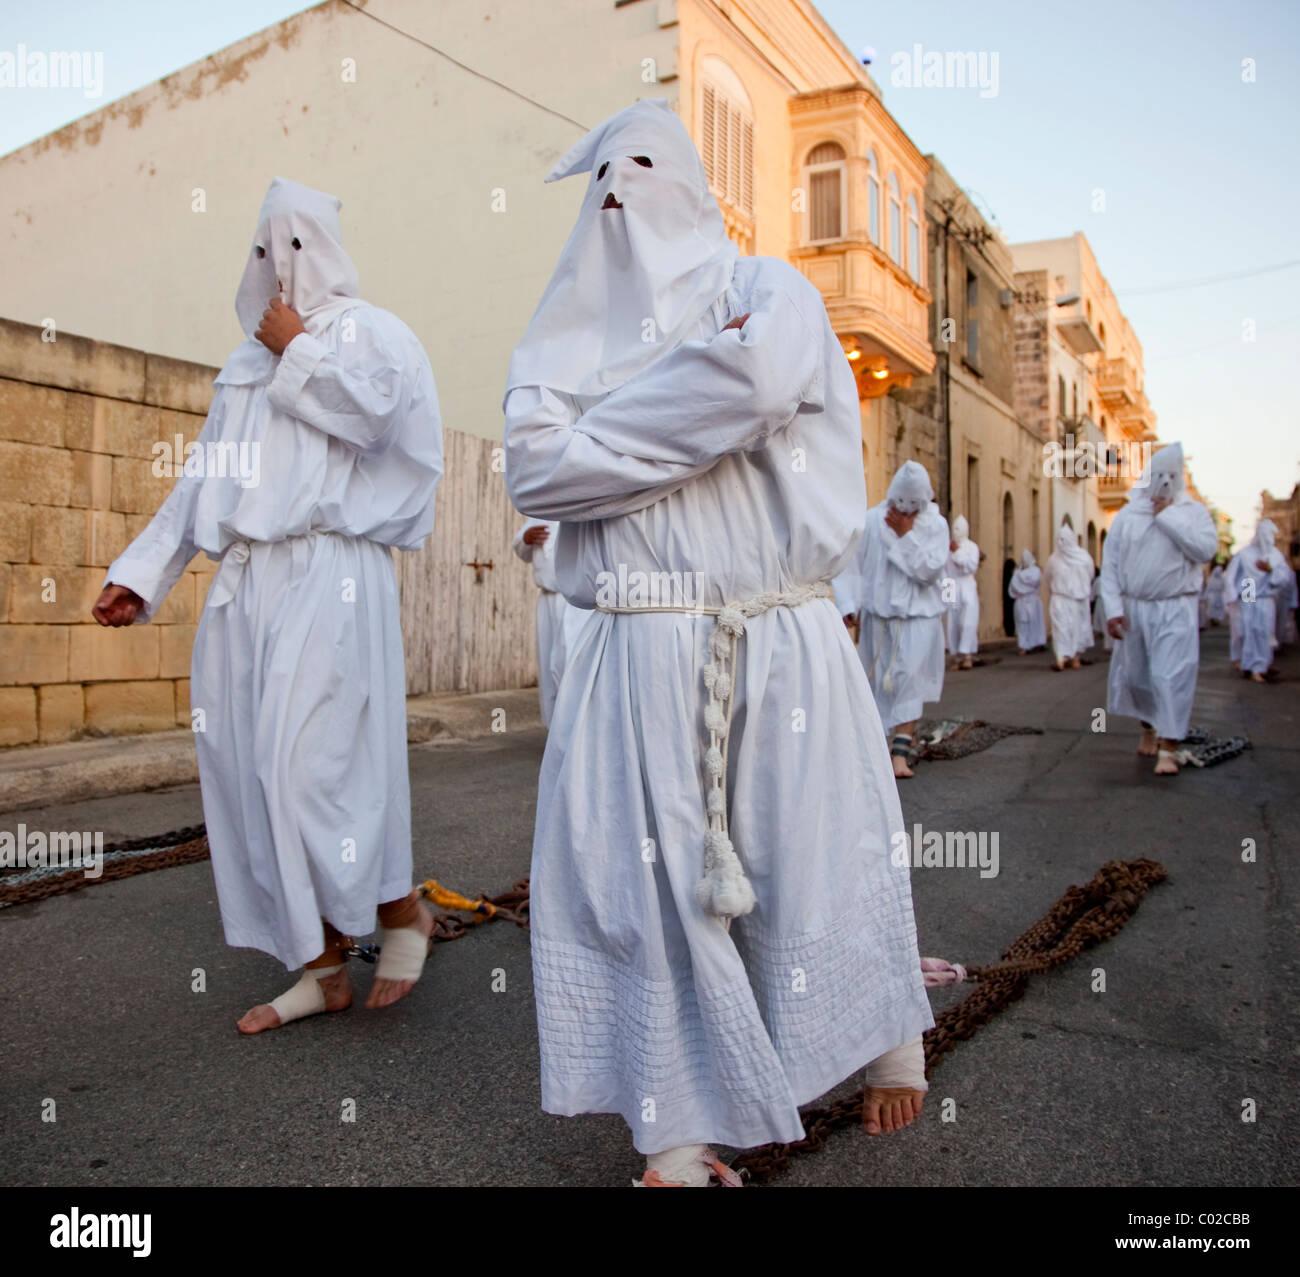 La penitenza portatori trascina le catene pesanti durante la sfilata del Venerdì Santo svoltasi in varie città Immagini Stock